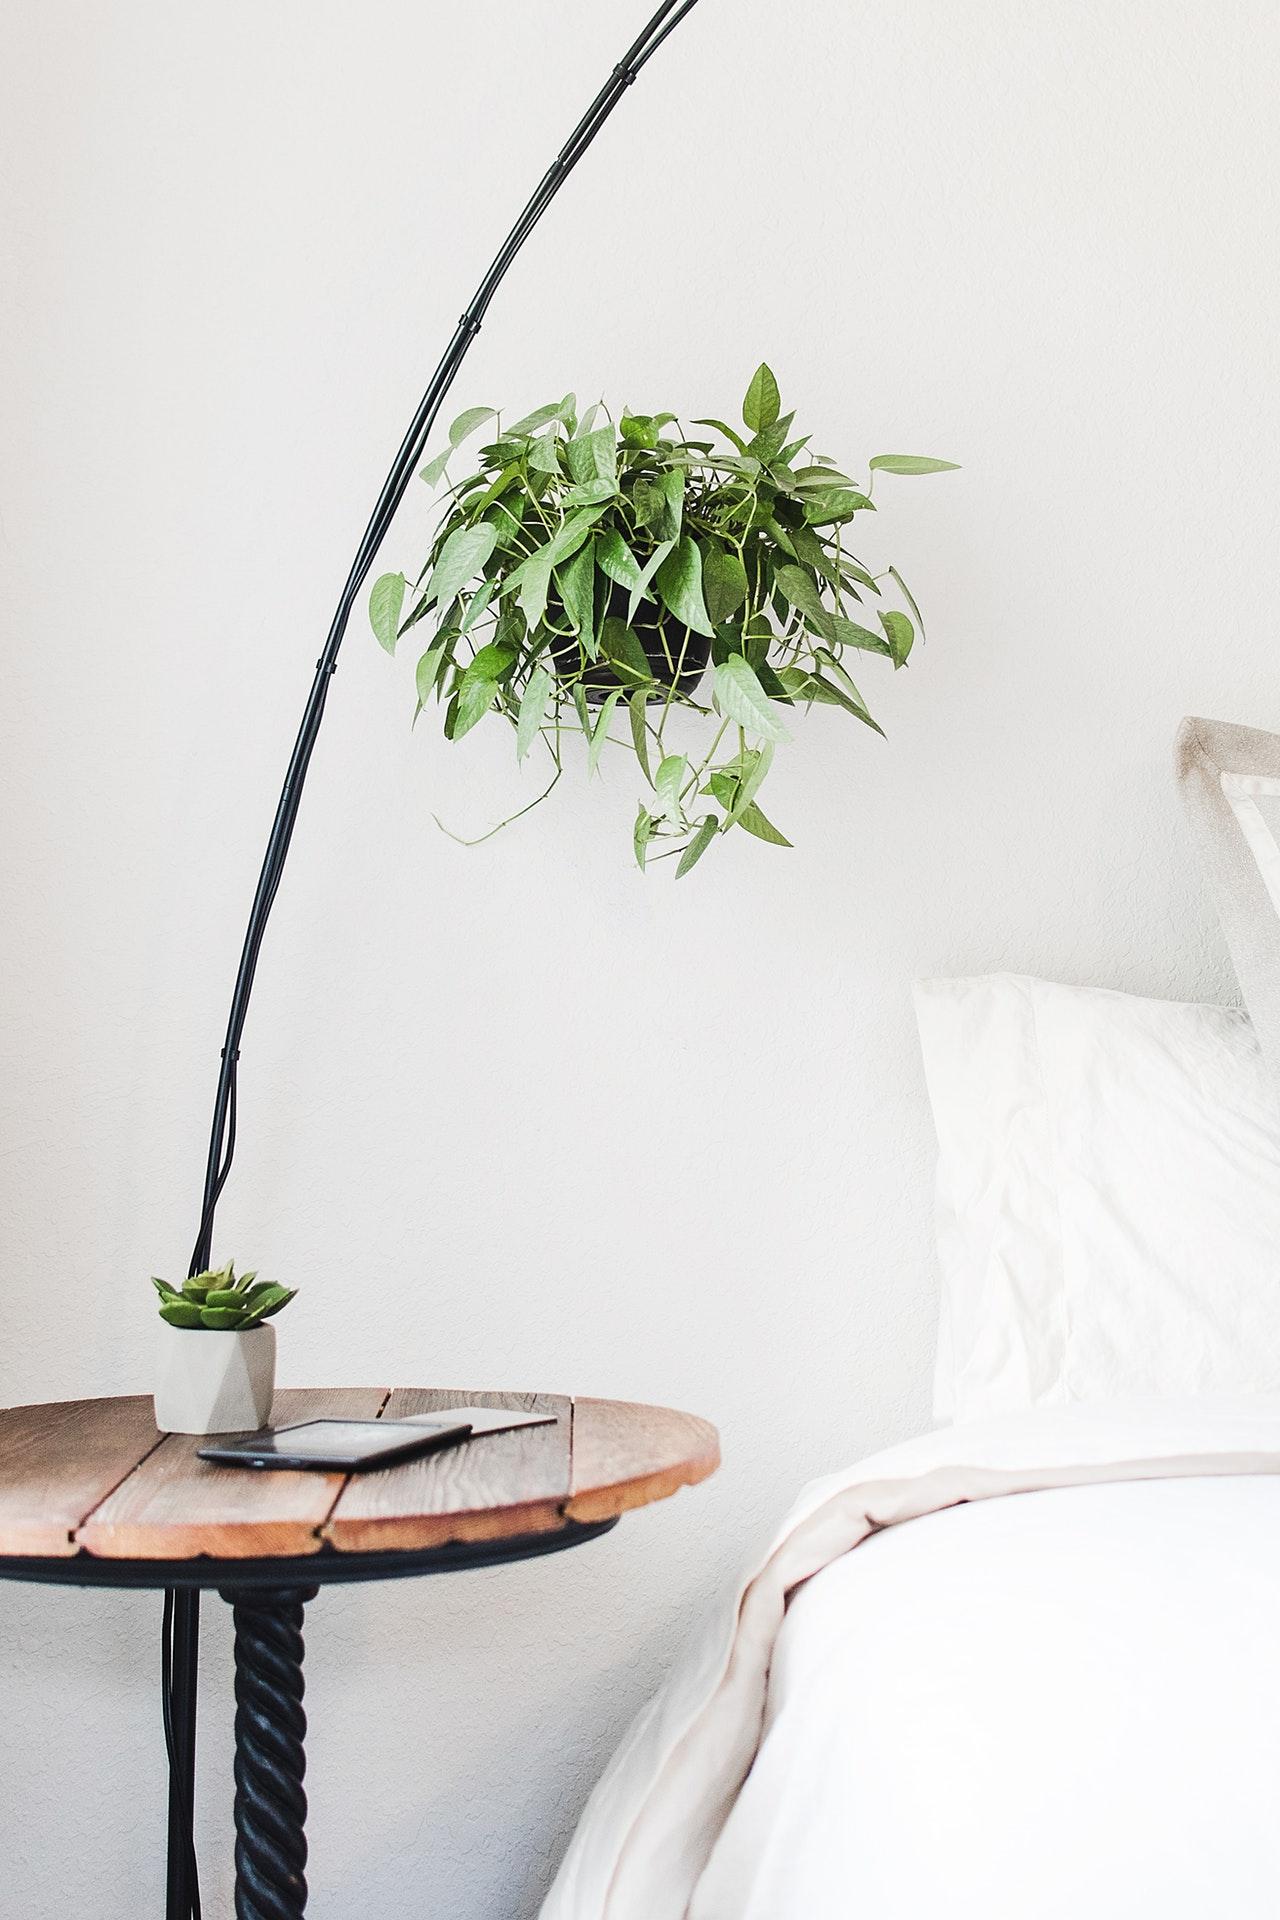 bed-decor-indoor-plants-2374967